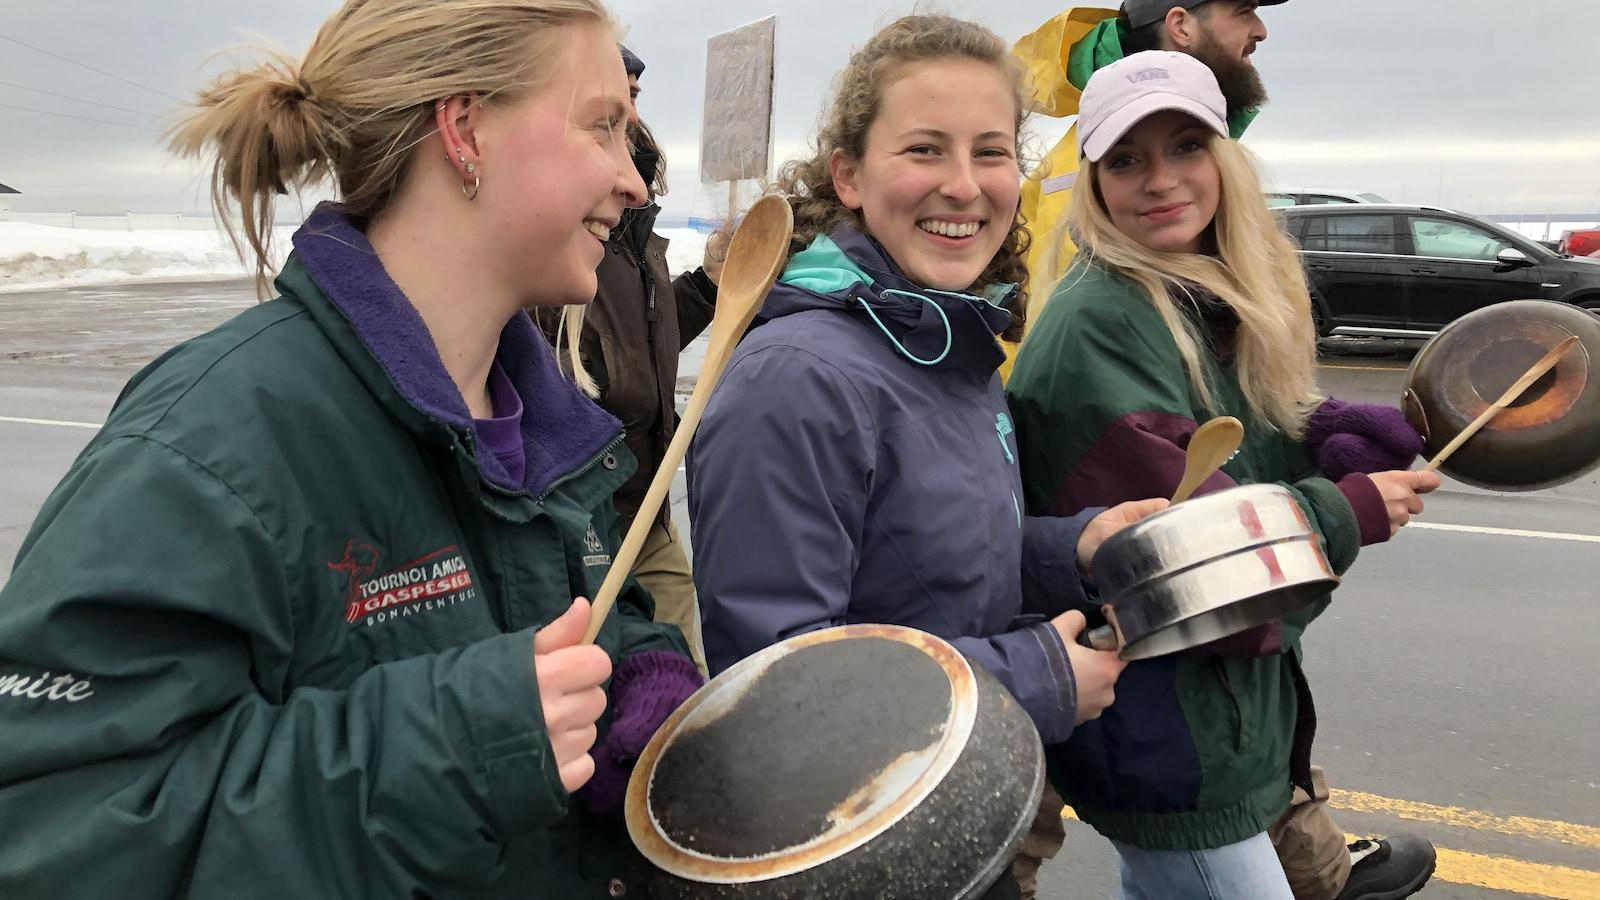 Trois jeunes filles sourient à la caméra en tapant sur des casseroles avec des cuillères de bois.